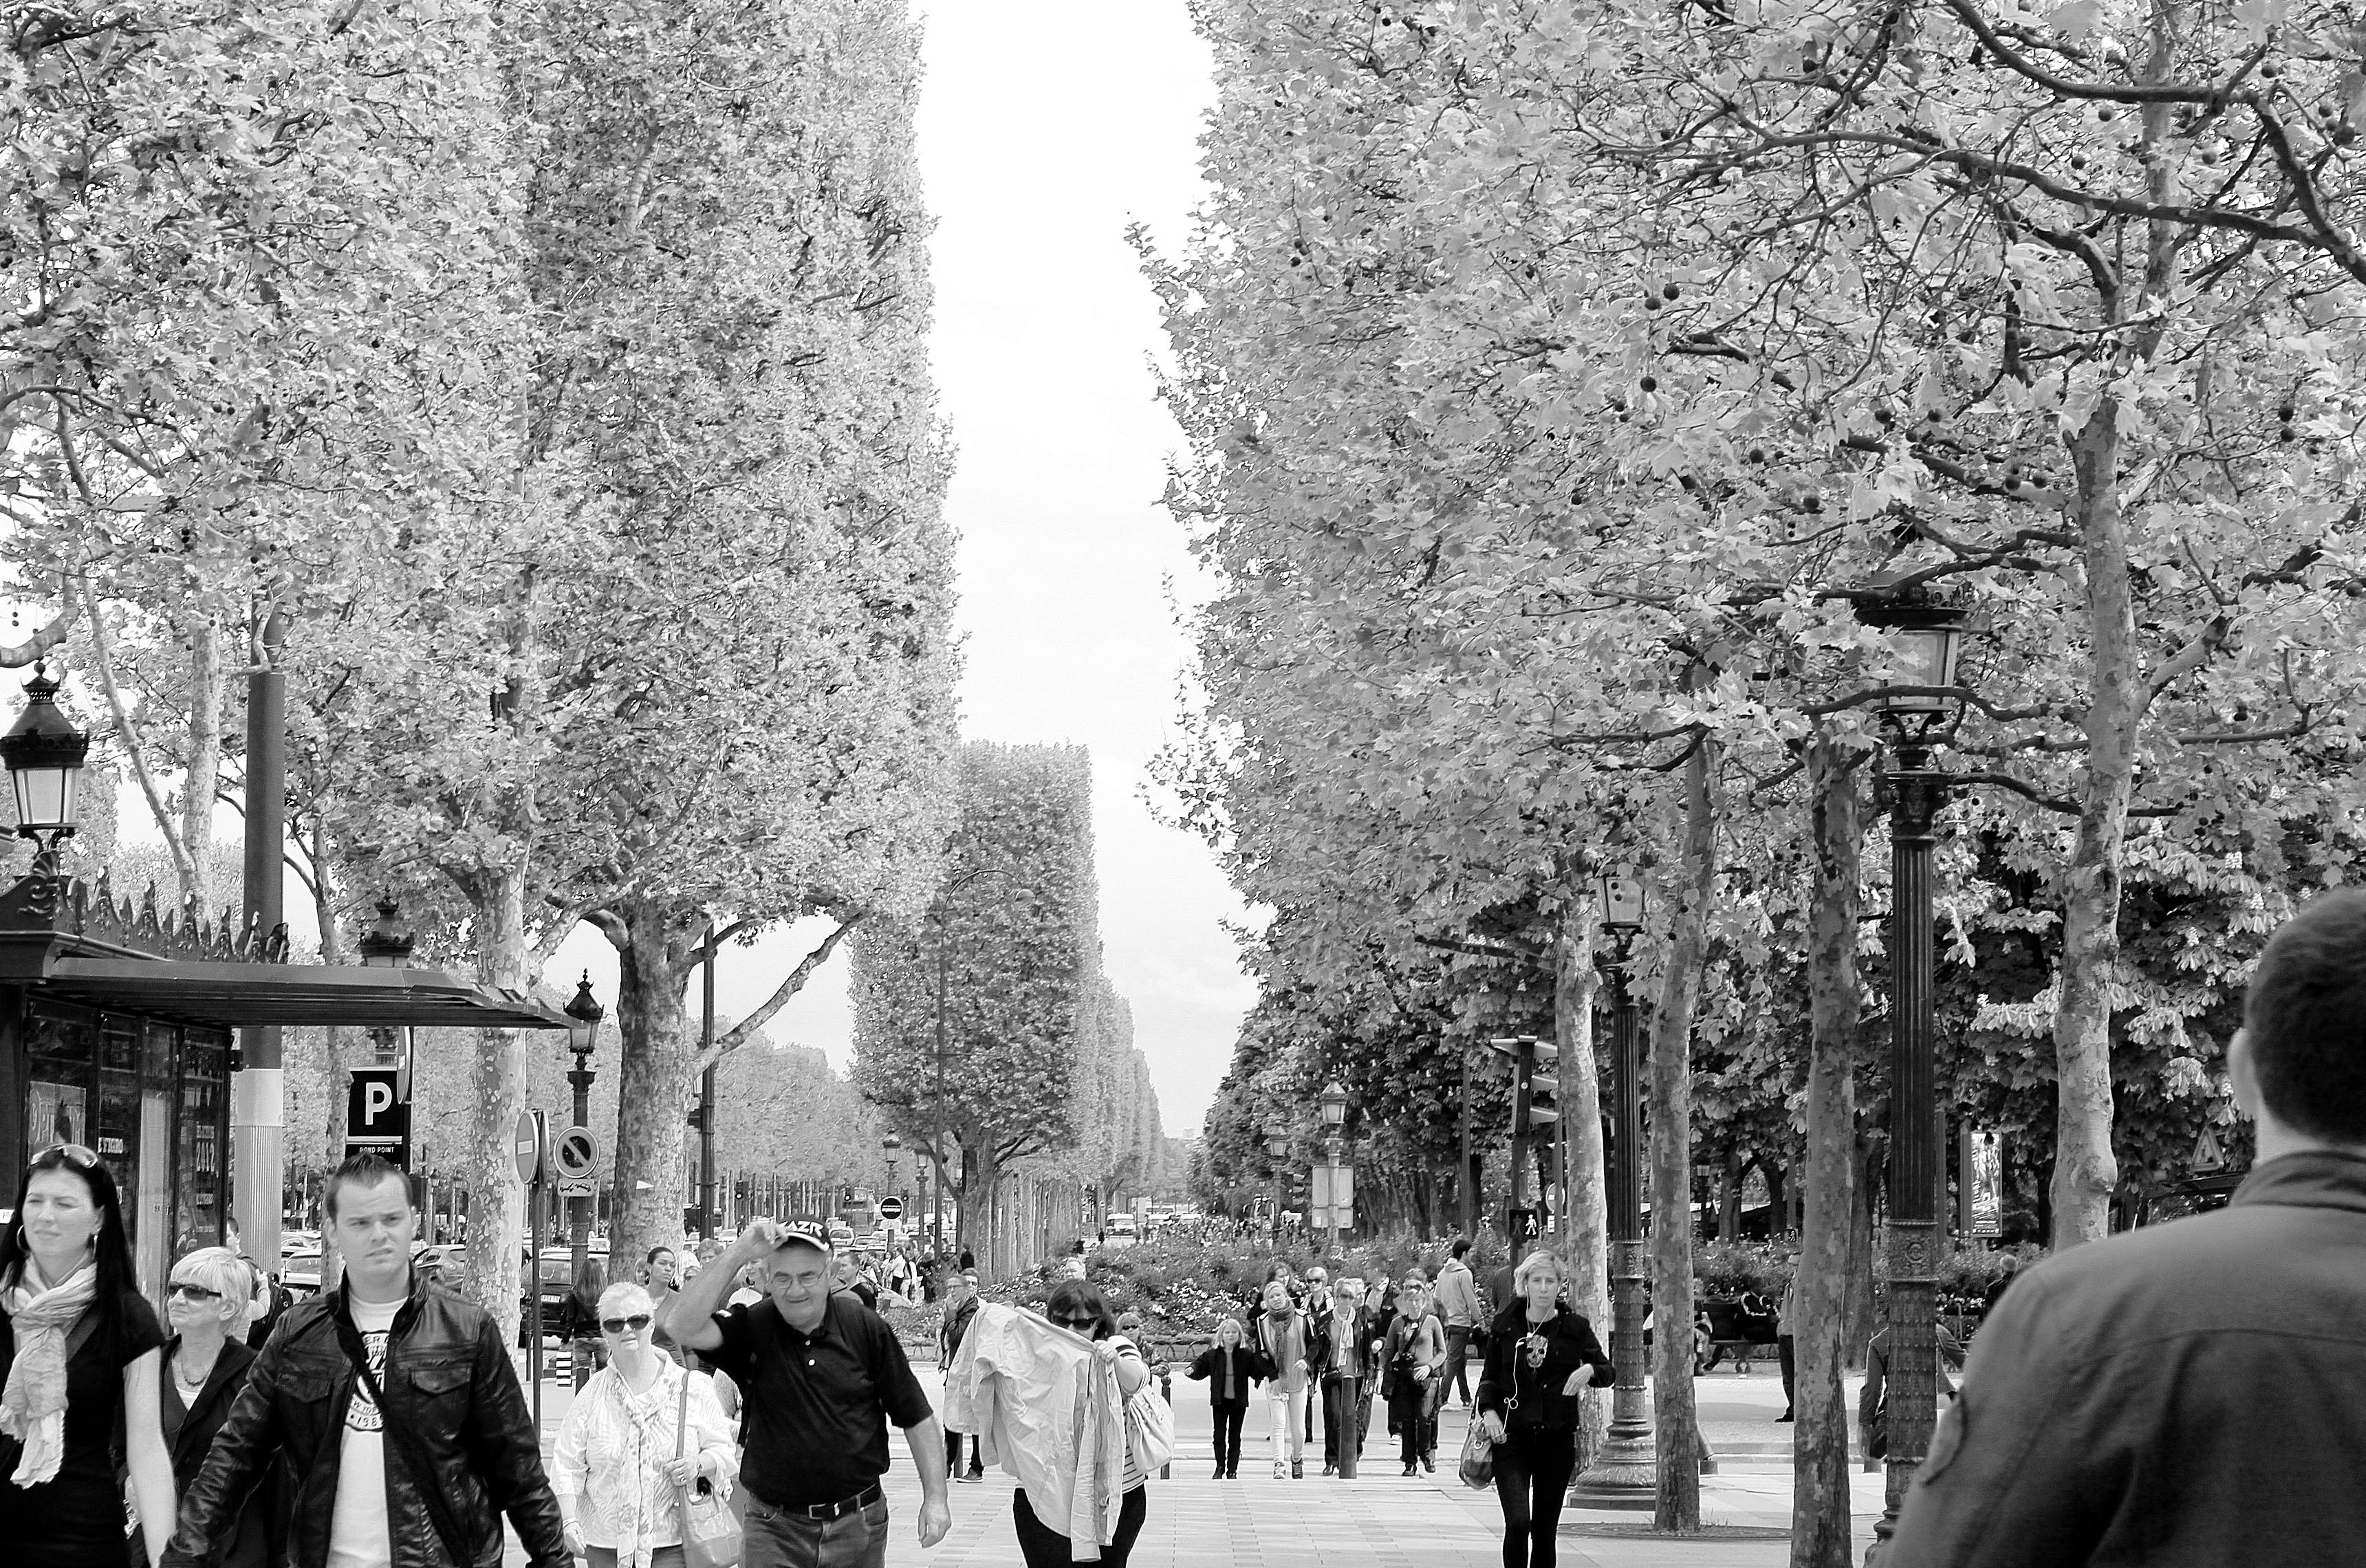 [47+] Paris In Winter Wallpaper On WallpaperSafari